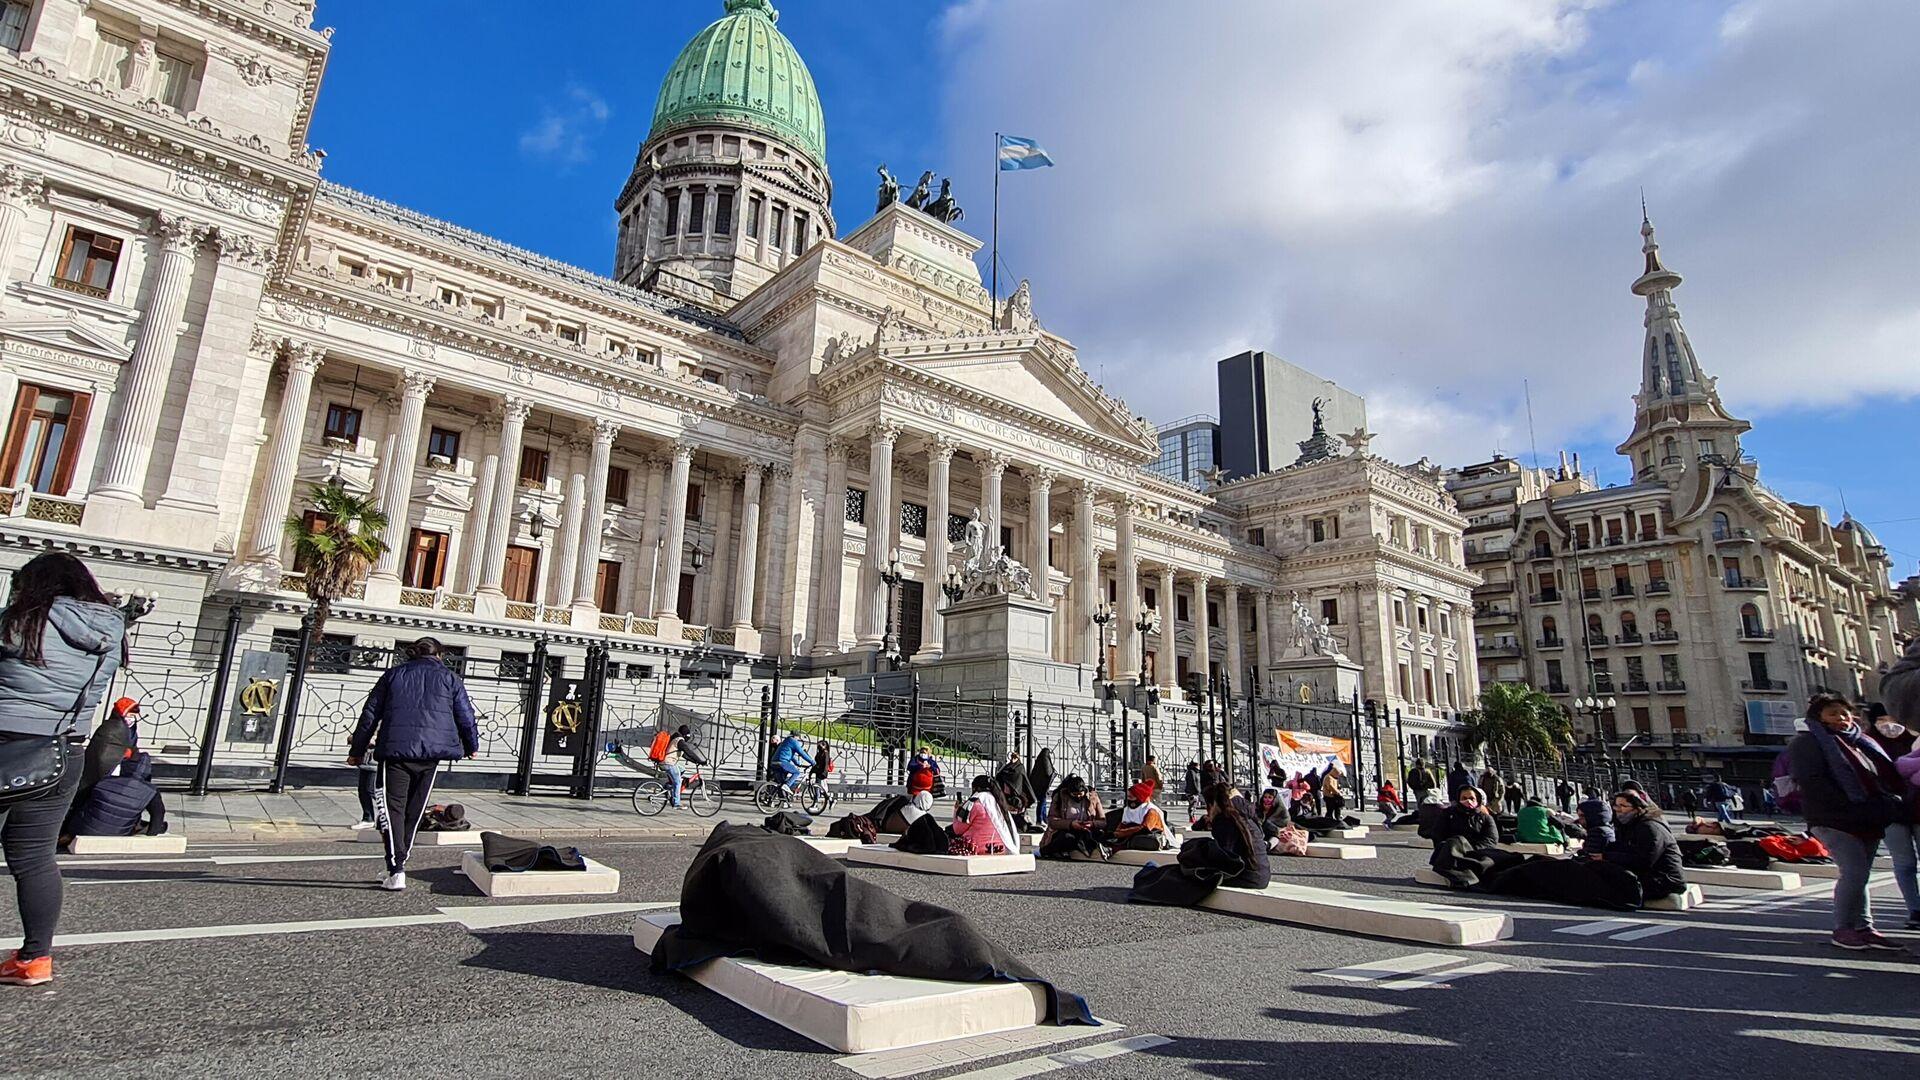 'Colchonazo' en reclamo por las personas en situación de calle en Argentina - Sputnik Mundo, 1920, 28.07.2021